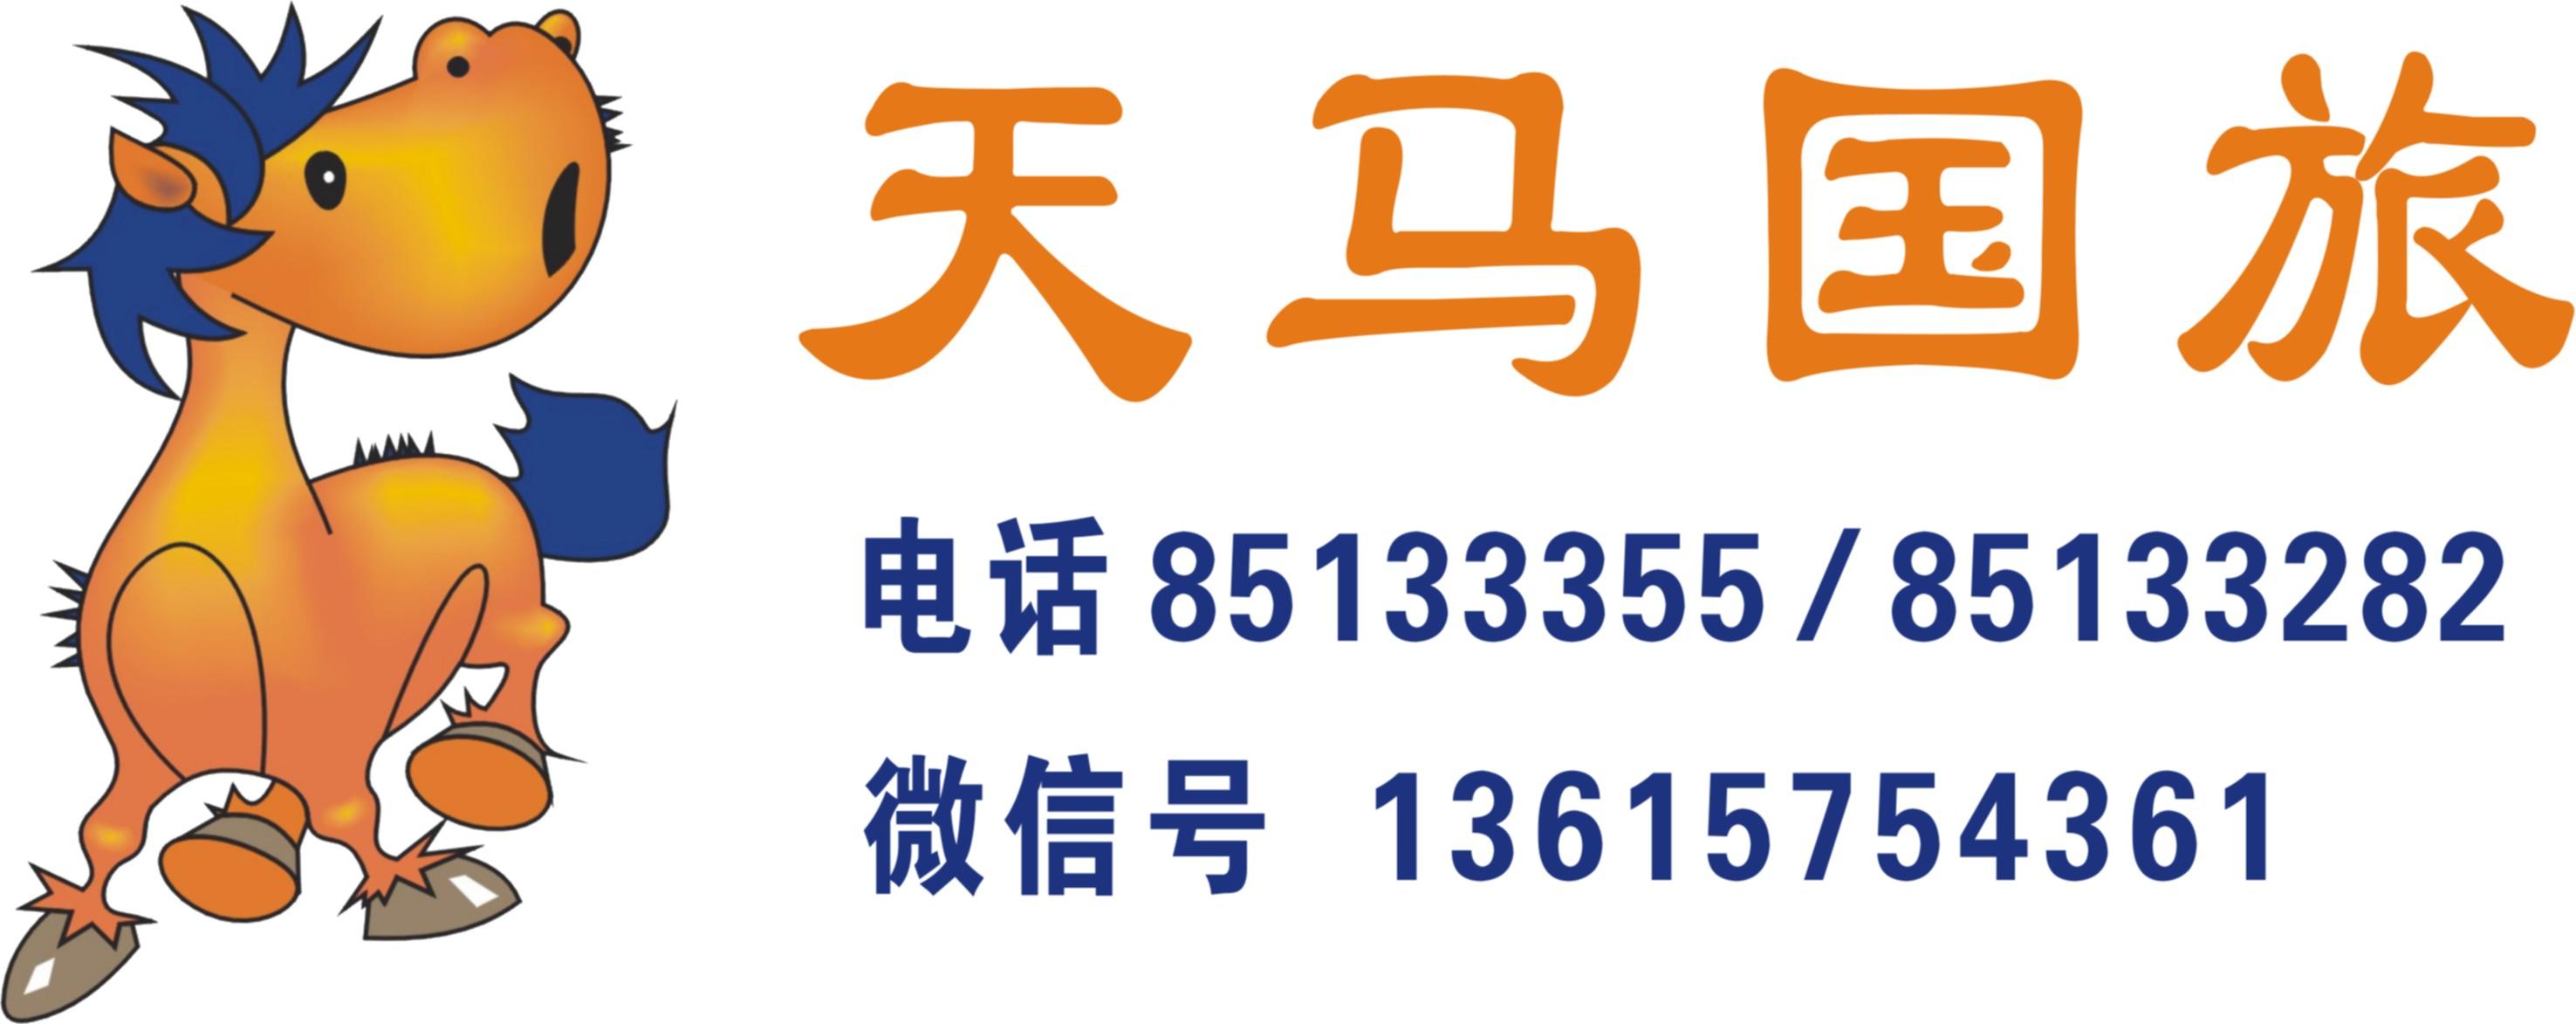 11.17【横店影视城、夜游梦幻谷二日】含2中餐